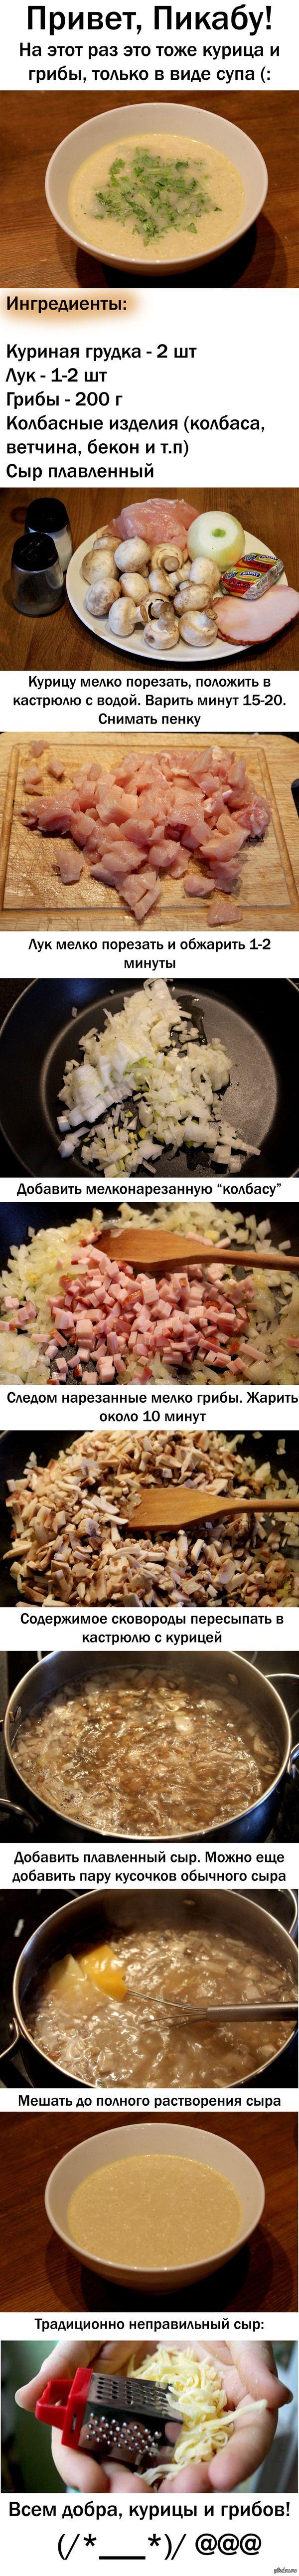 Сырный суп с курицей и грибами Длиннопост Кулинария, рецепт, еда, длиннопост